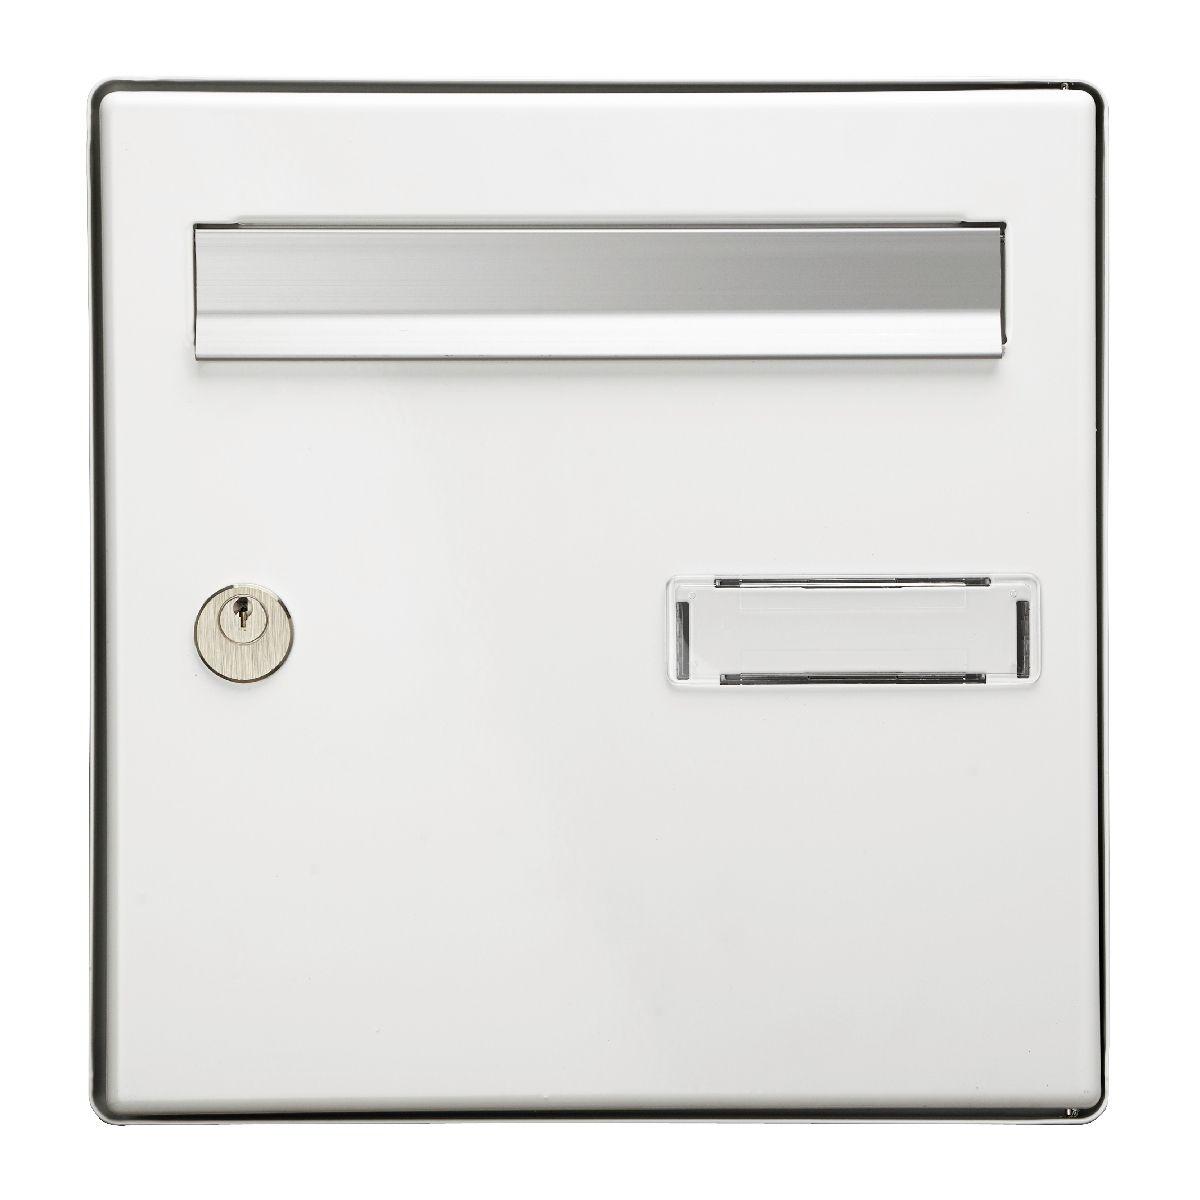 Plaque boite aux lettres : un objet respectant les normes